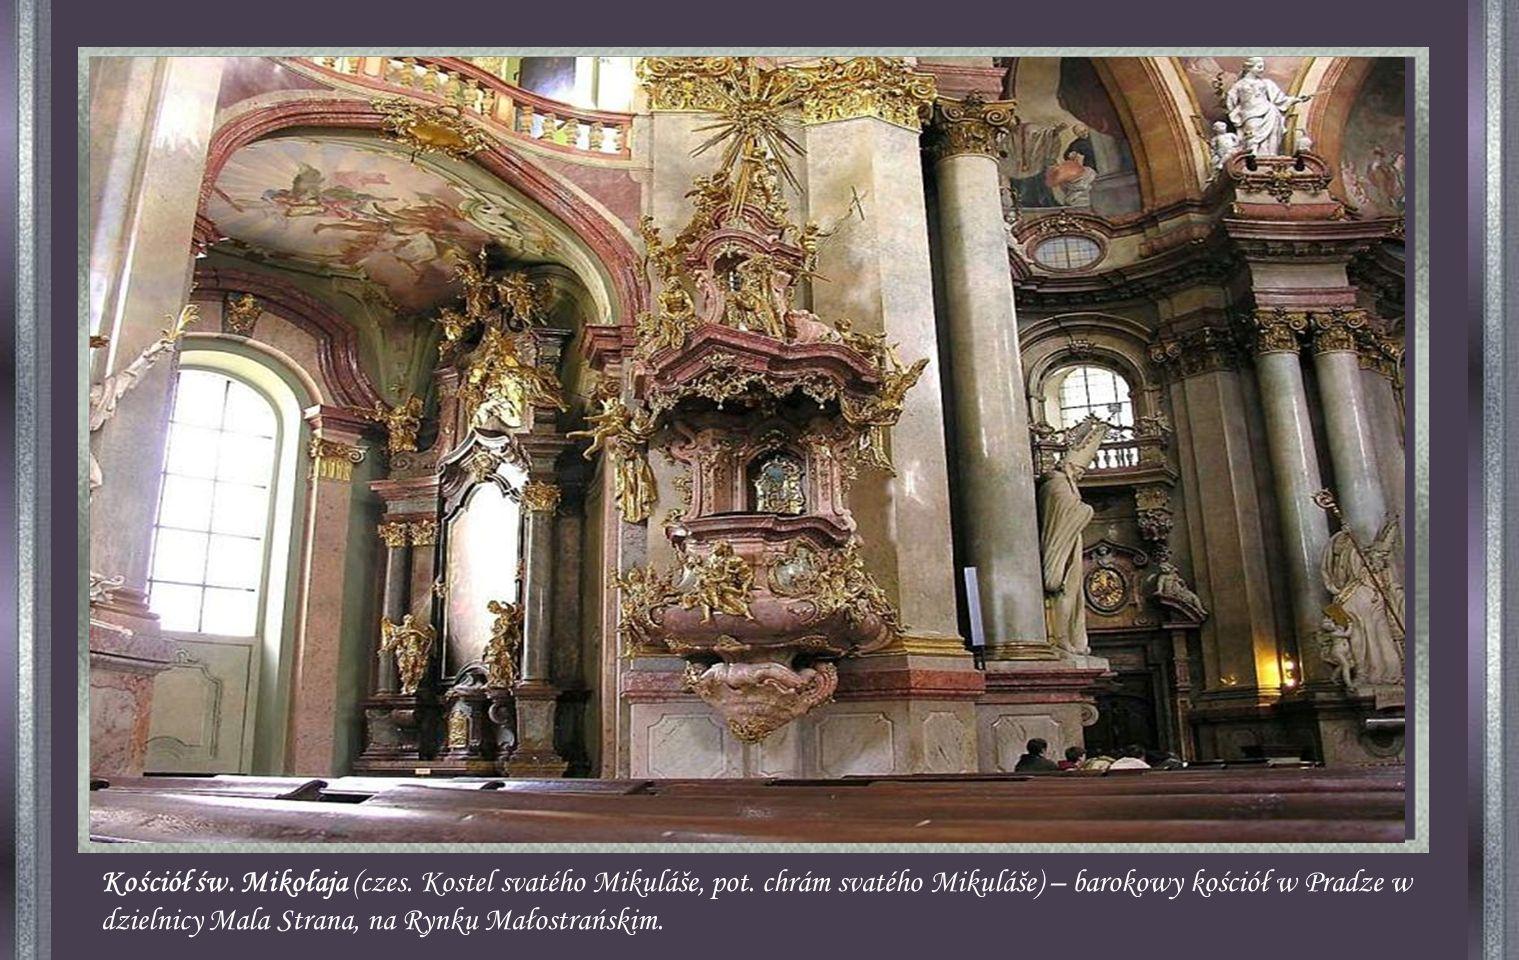 Podczas wyprawy na Rosję Napoleon zadeklarował przy ołtarzu, że osobiście zabije każdego ze swoich żołnierzy, który ośmieliłby się ukraść coś z tego kościoła.